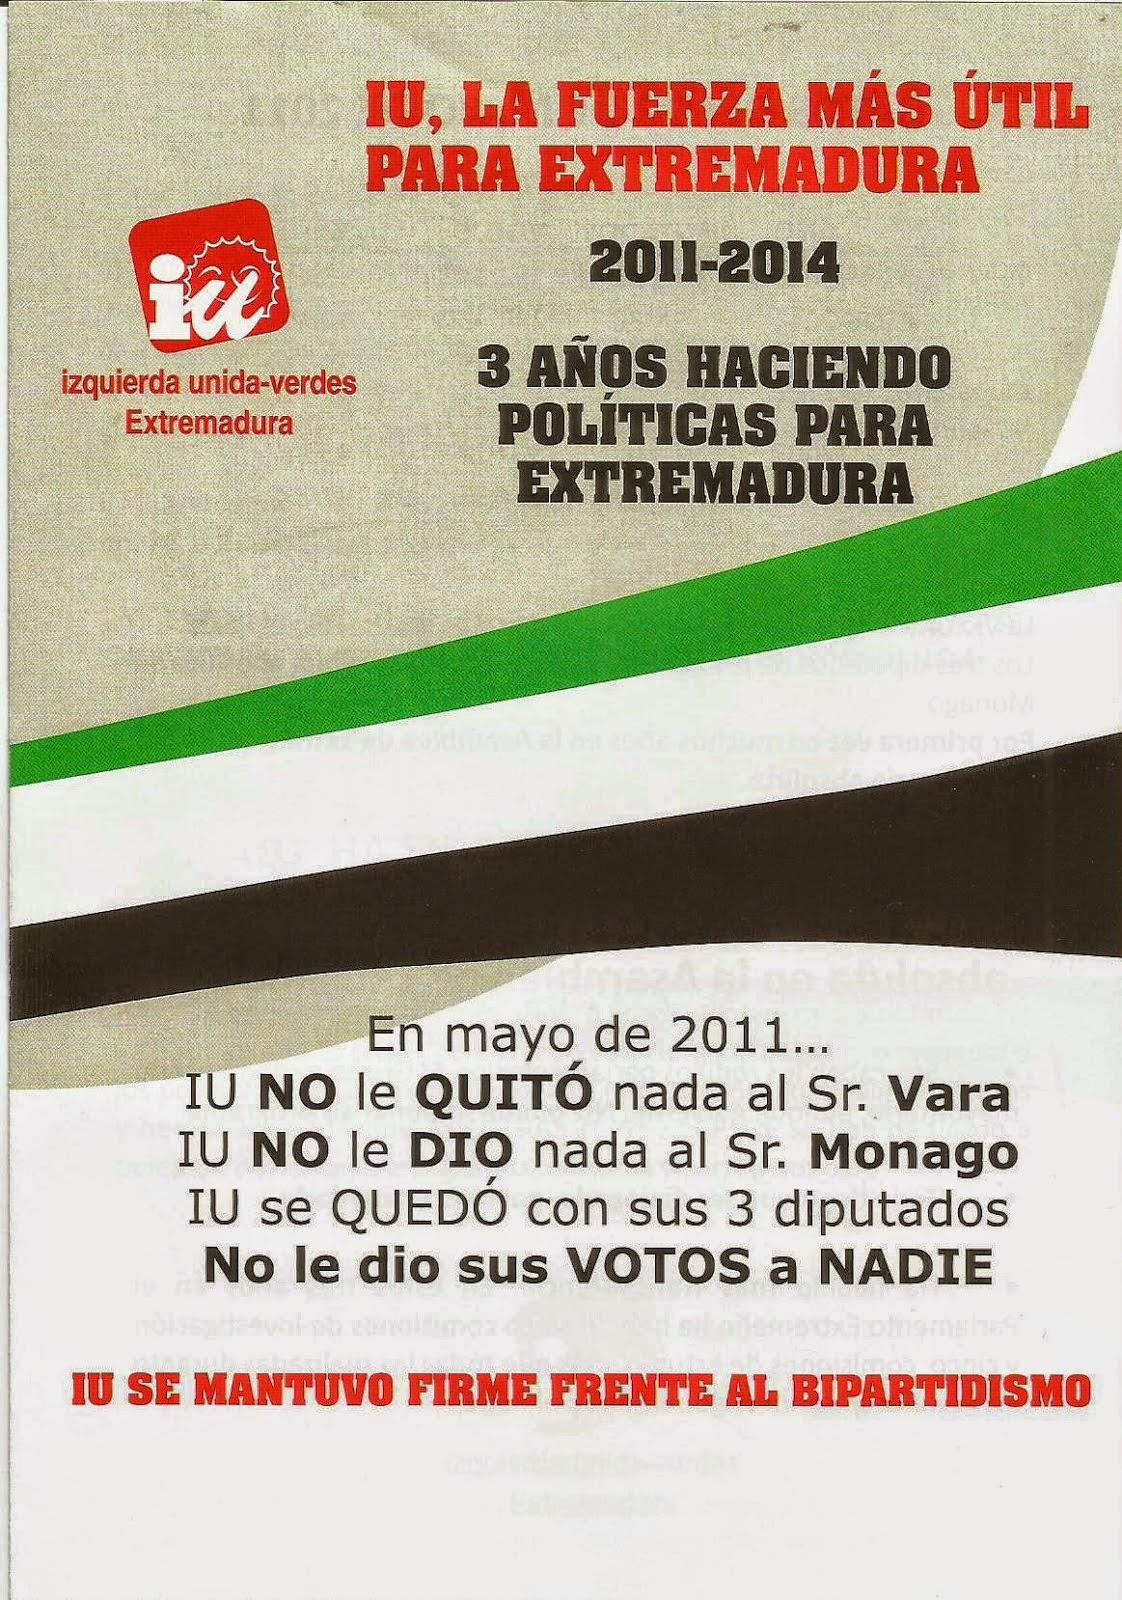 IU, la fuerza más útil para Extremadura